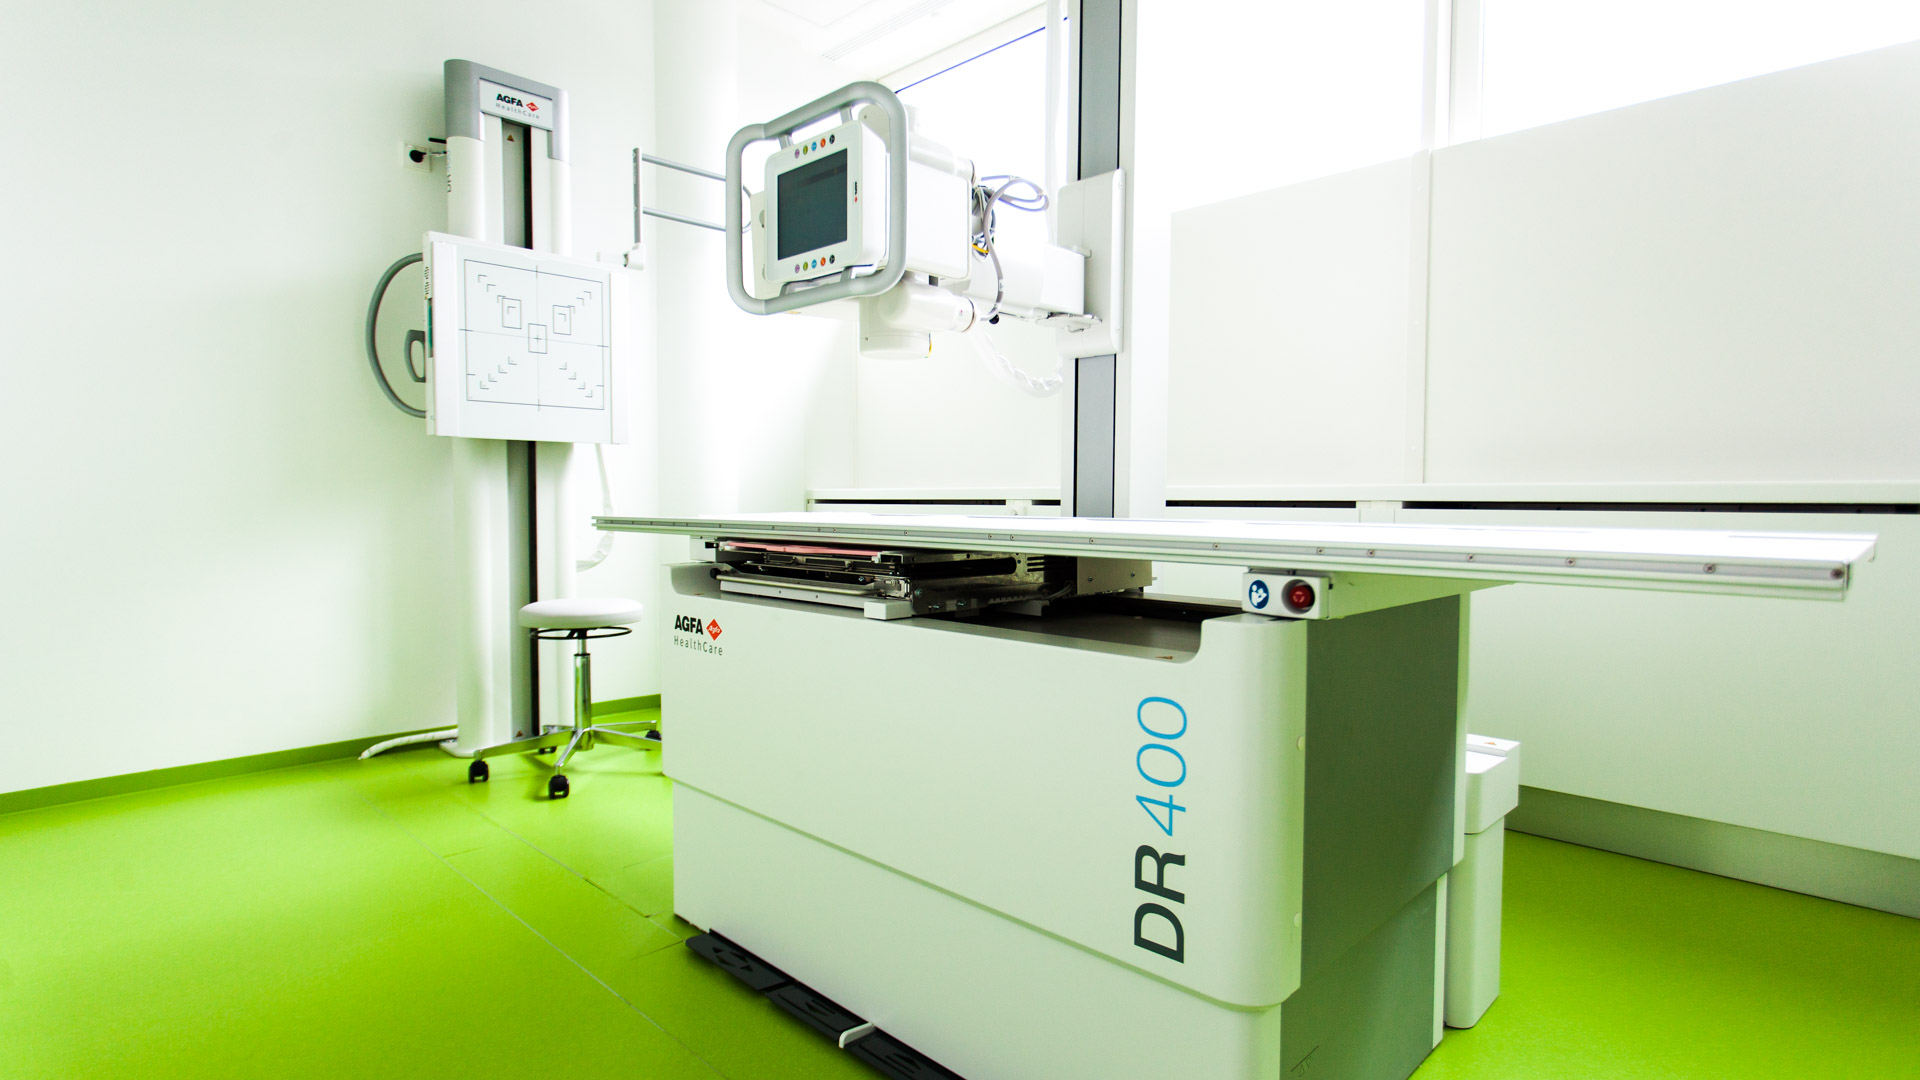 Radiologie am Kaiserteich Düsseldorf röntgen praxis